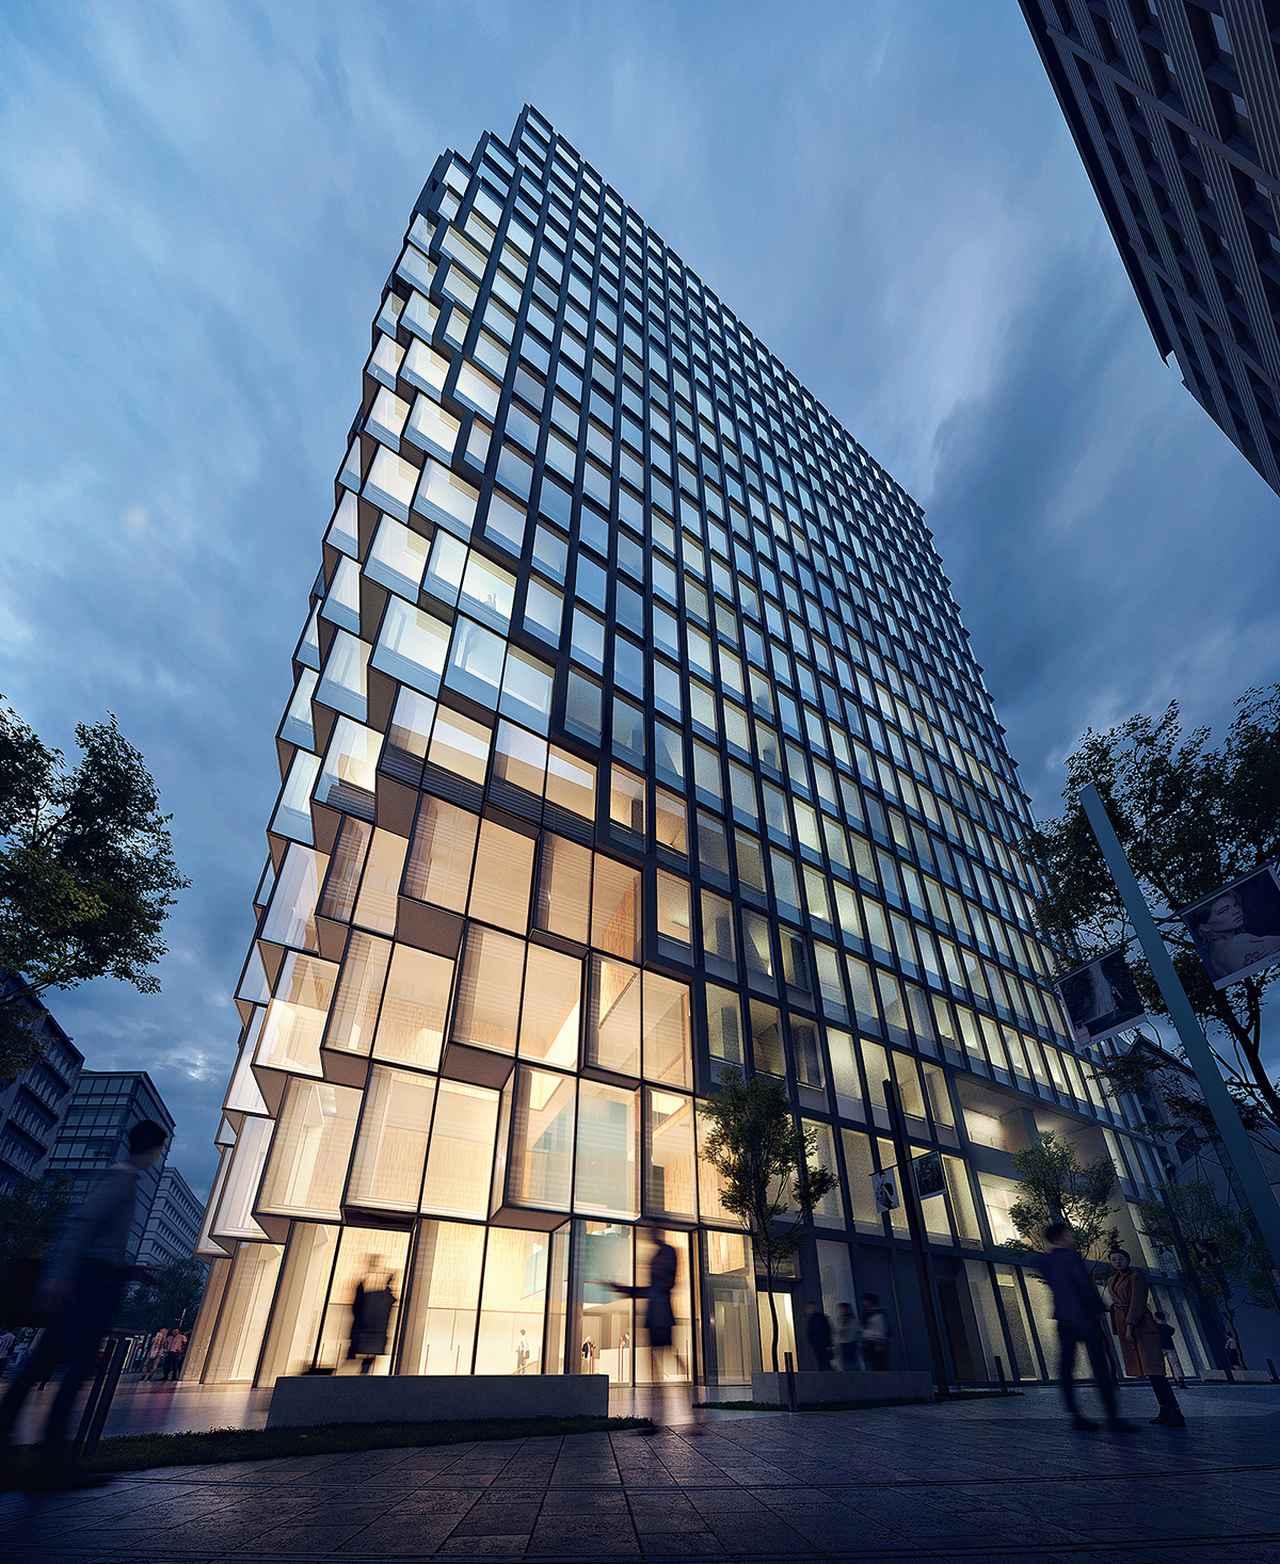 Images : 6番目の画像 - 「都市は建築化し、建築は都市化する ―― 重松象平インタビュー」のアルバム - T JAPAN:The New York Times Style Magazine 公式サイト